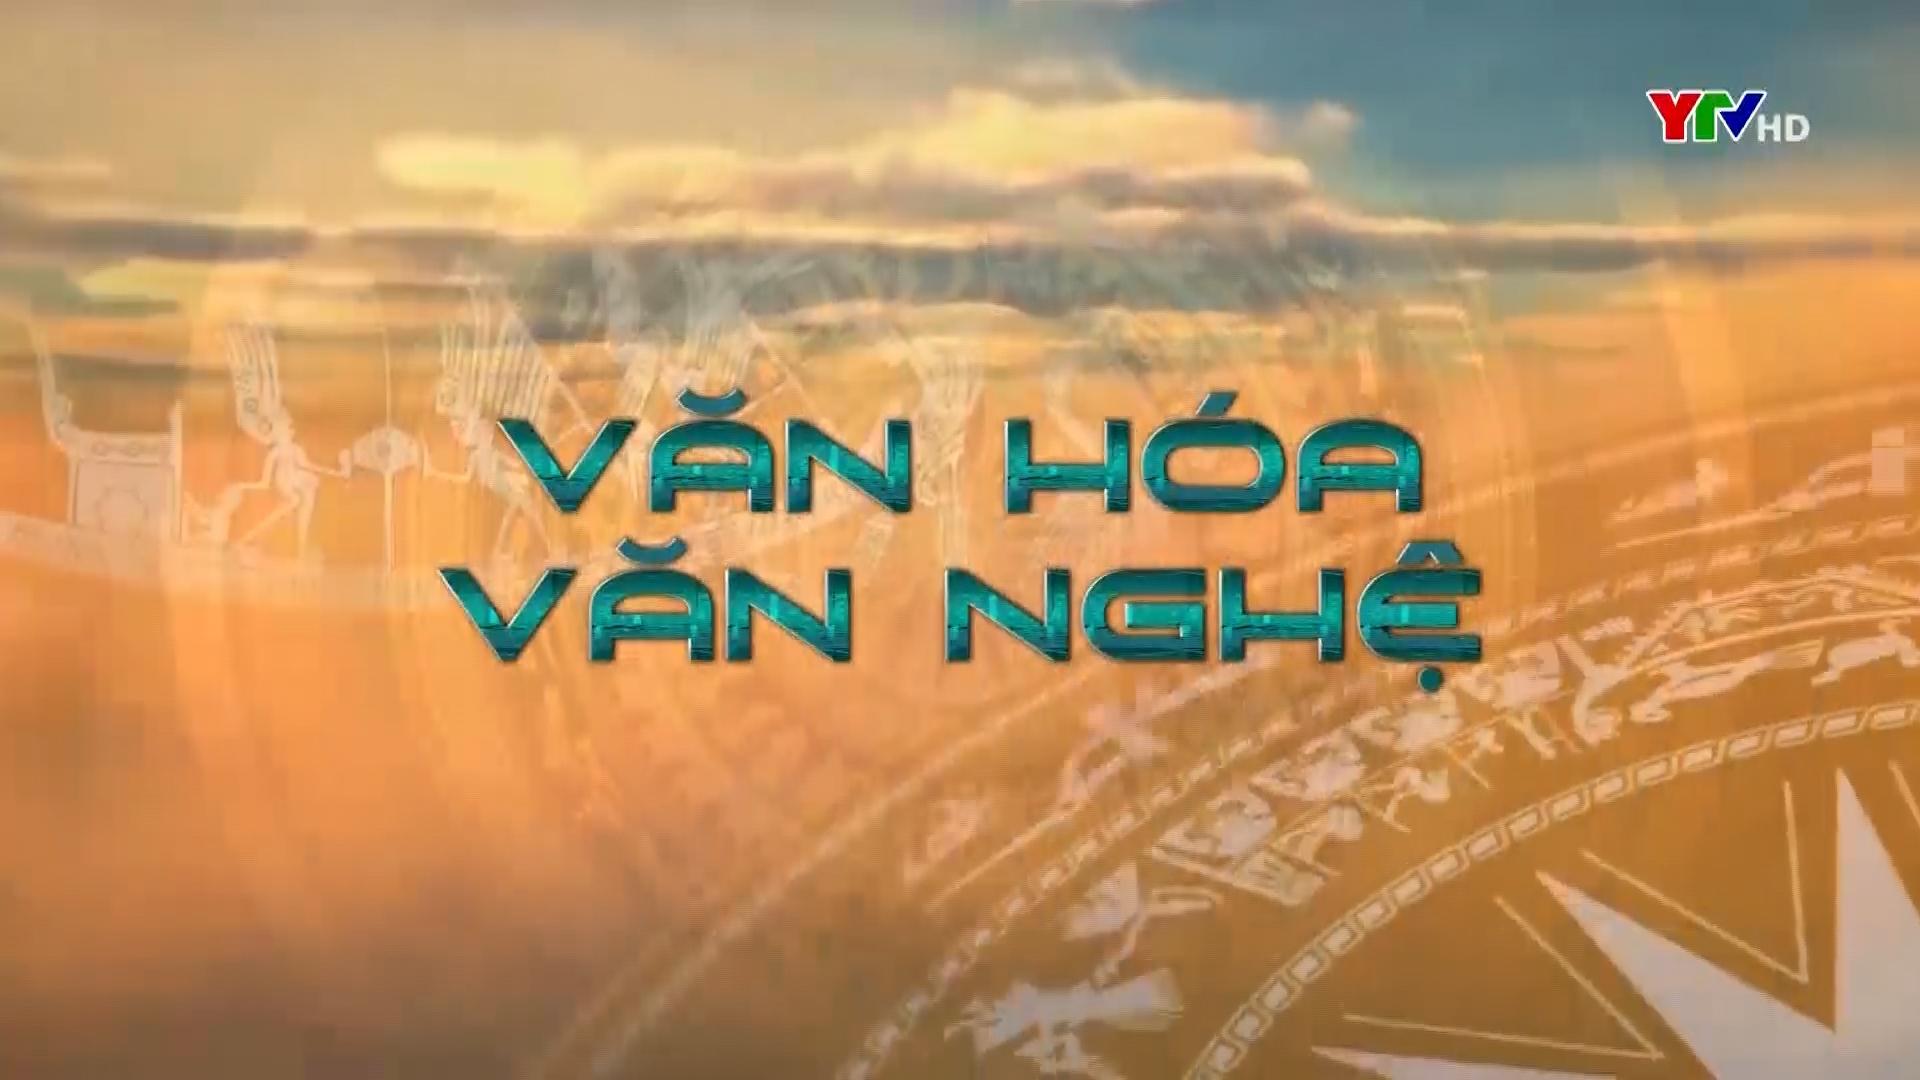 Chi hội mỹ thuật Việt Nam tỉnh Yên Bái